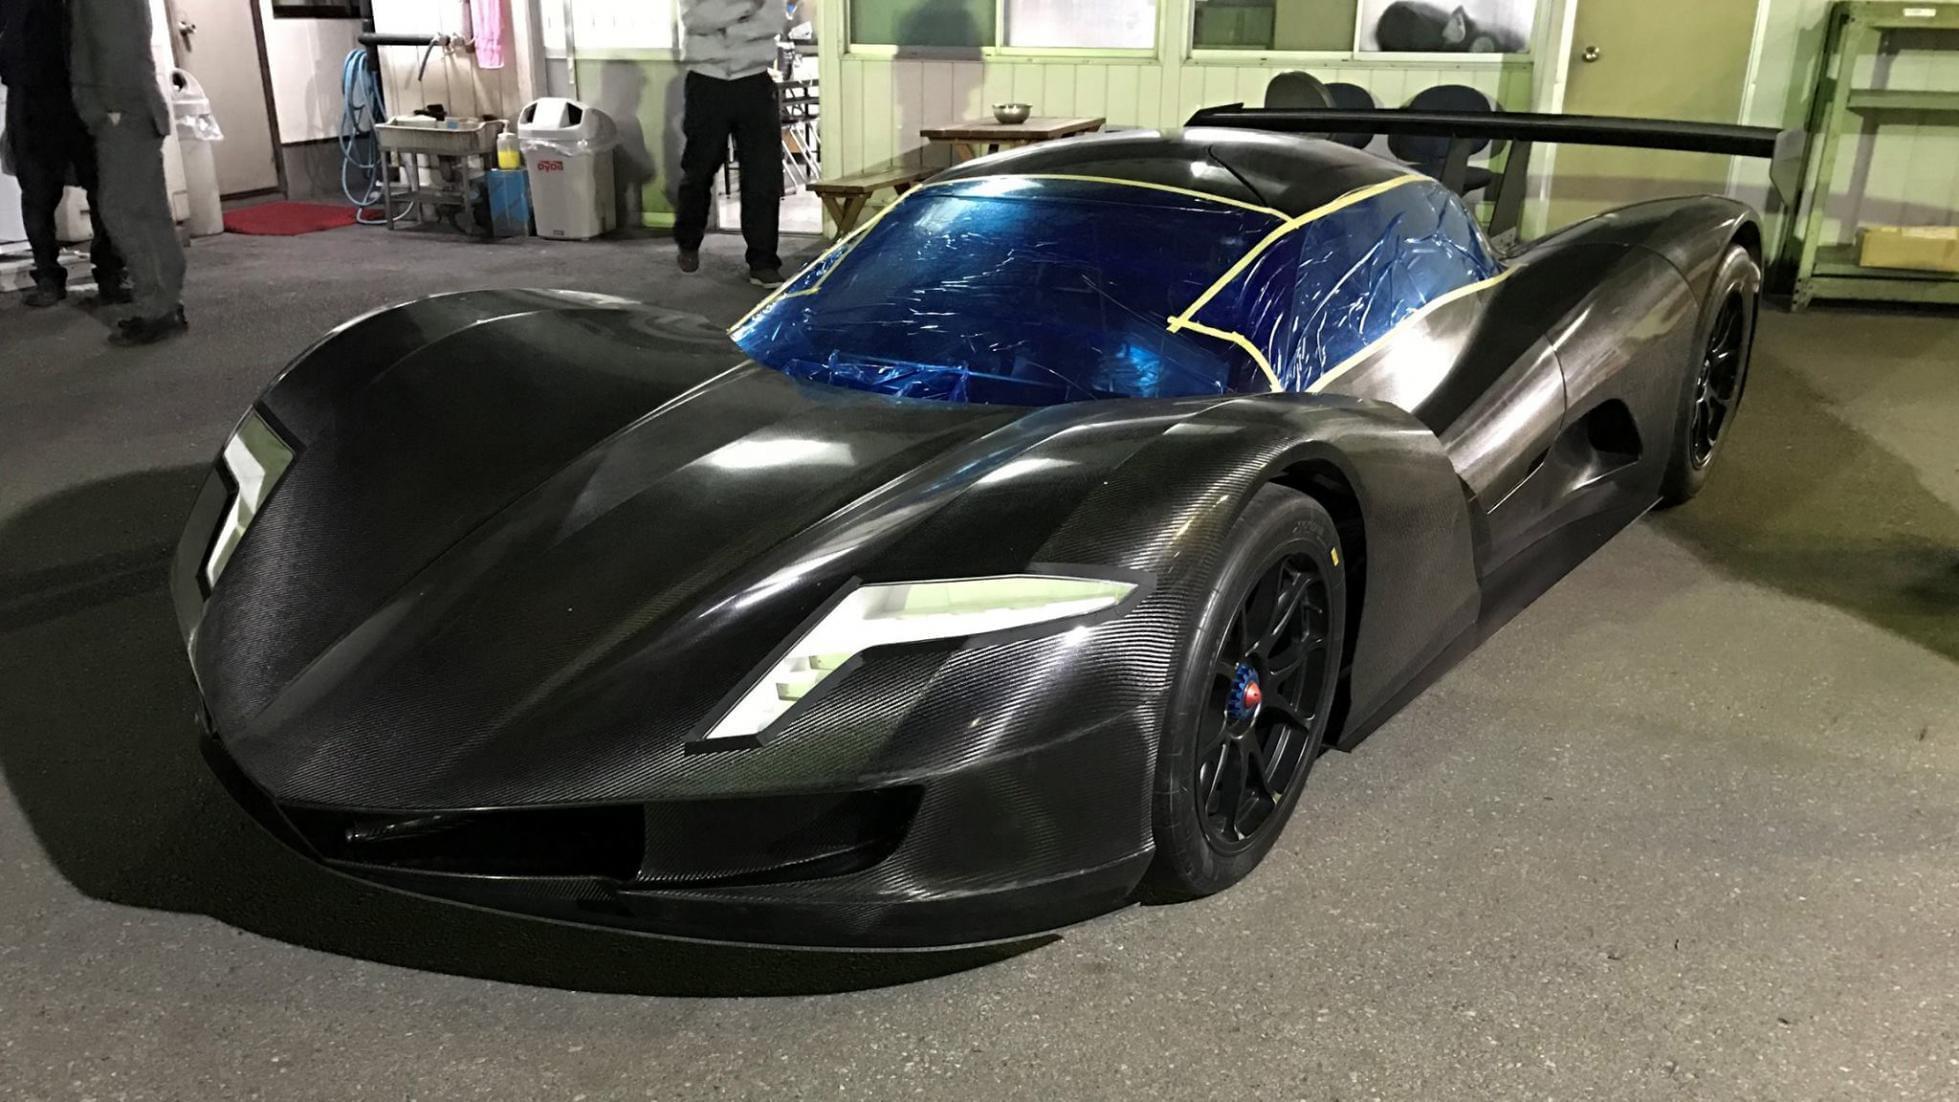 日本将推全球加速最快电动车 百公里加速不到2秒